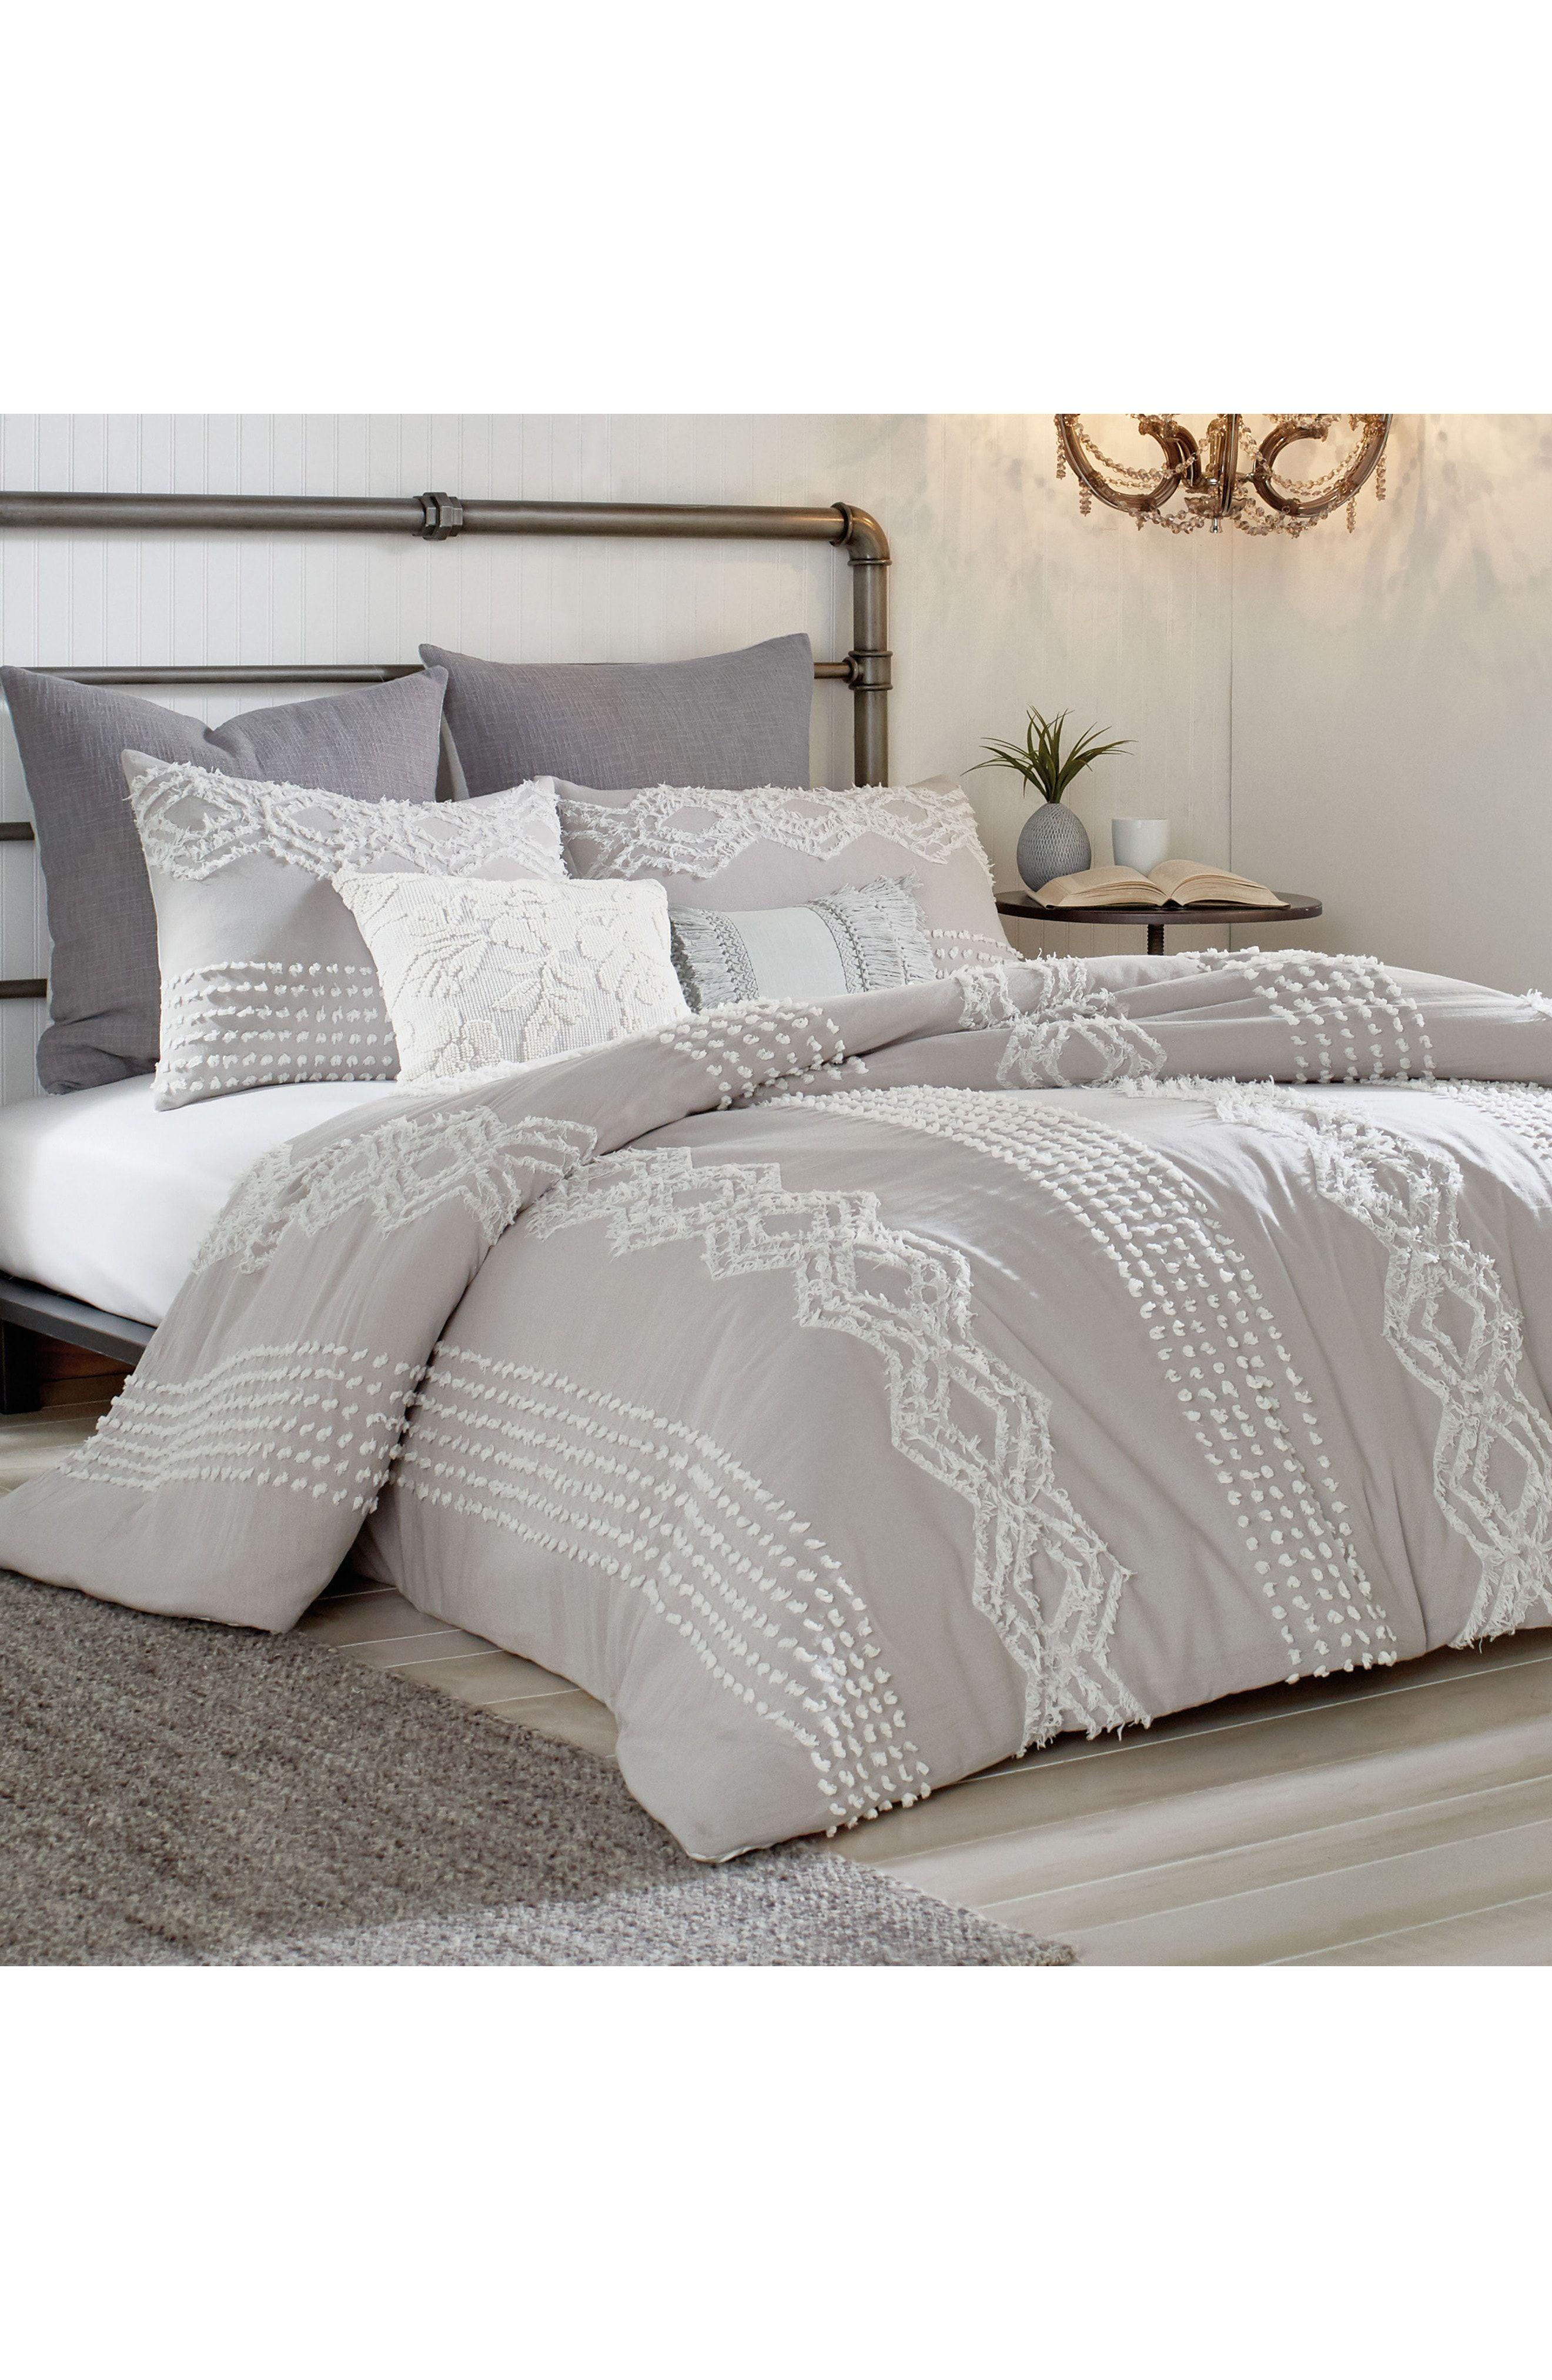 Bed Blankets The Dream Merchants 8 Comforter Sets Comforters